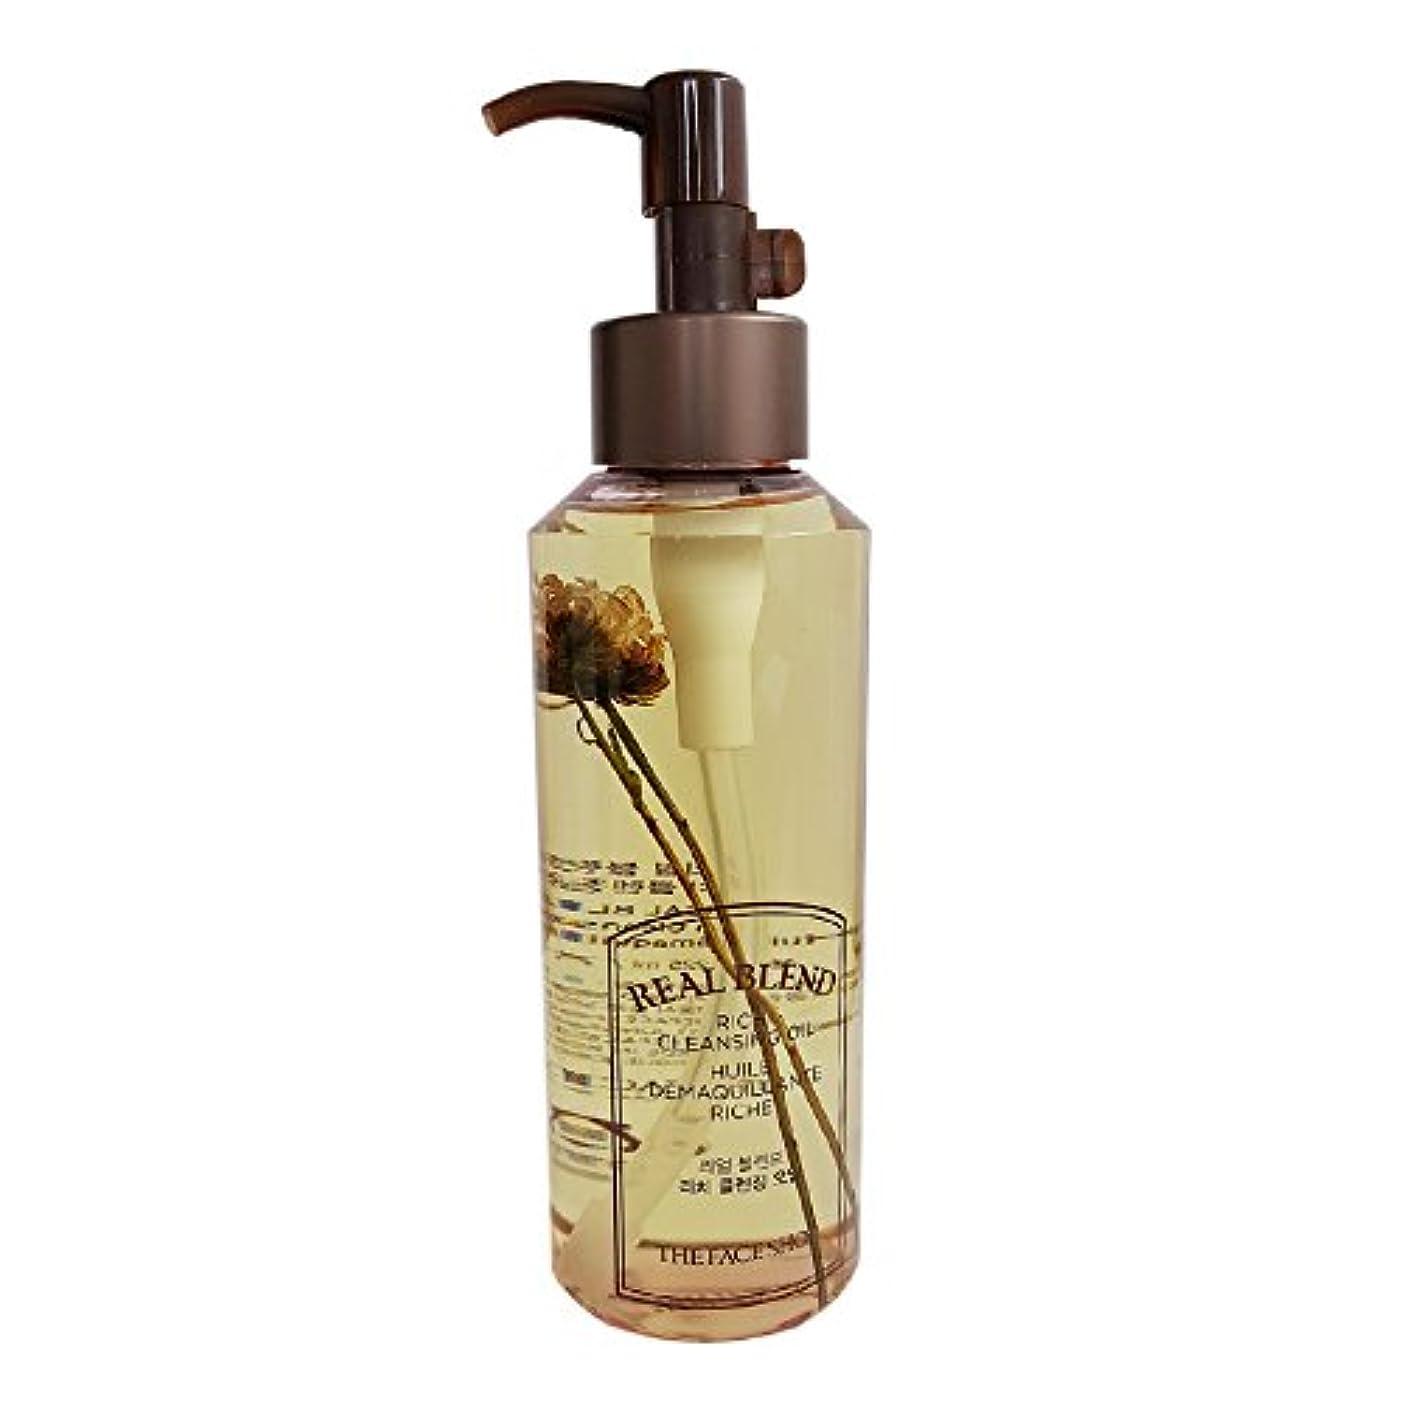 解き明かす部ごみ[ザ·フェイスショップ]The Face Shop リアルブランド リッチクレンジングオイル (225ml) The Face Shop Real Blend Rich Cleansing Oil(225ml) [海外直送品]